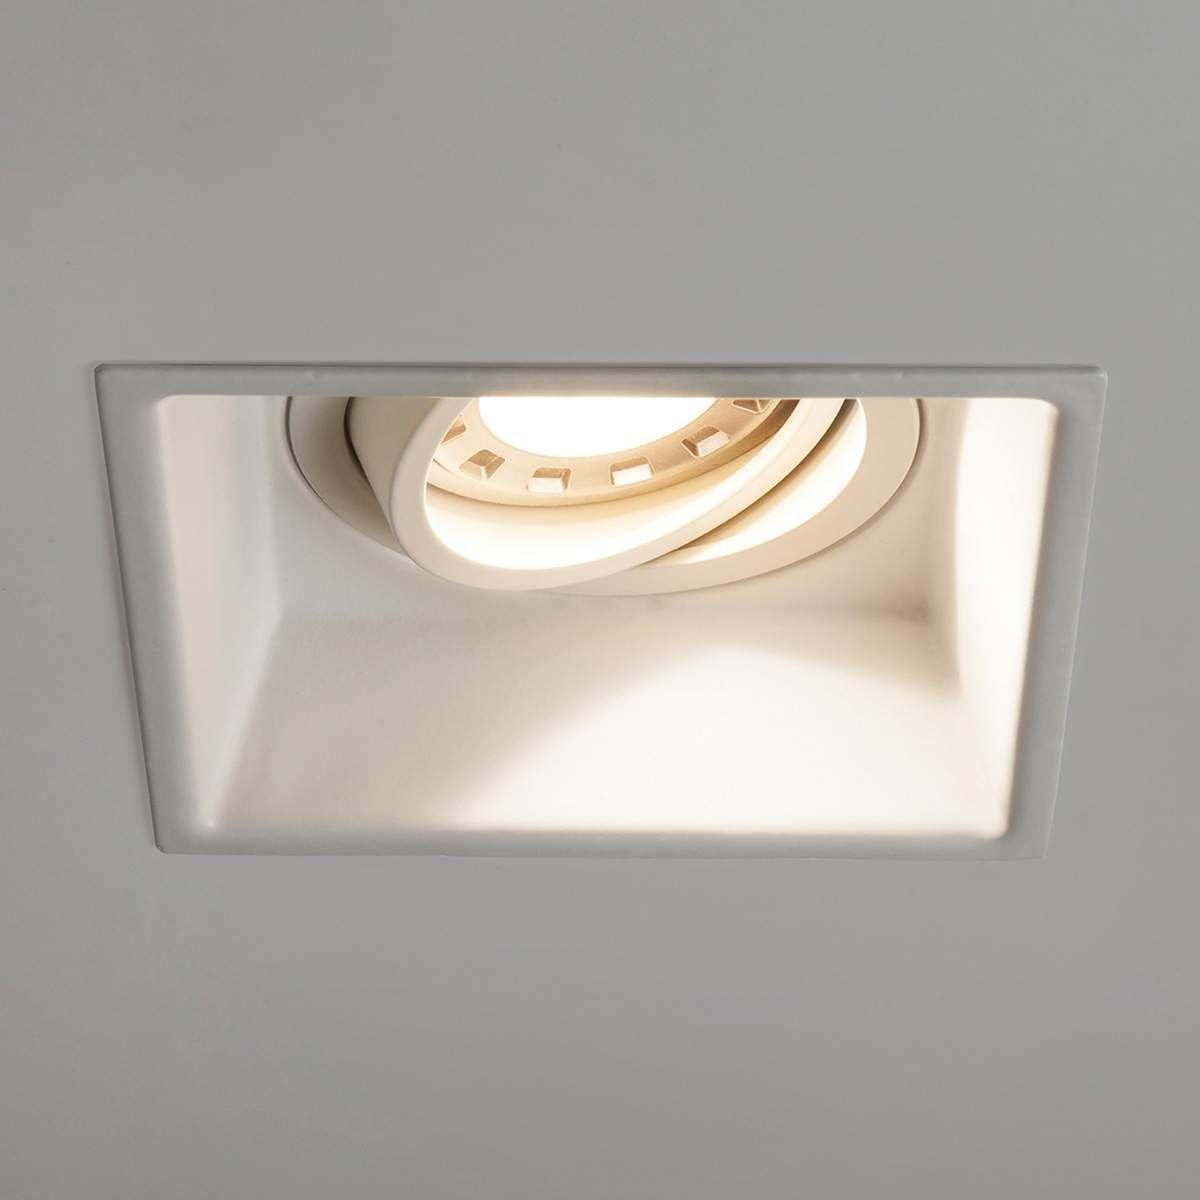 Astro Minima Square Adjustable Einbaulampe Weiss Einbauleuchten Led Leuchtmittel